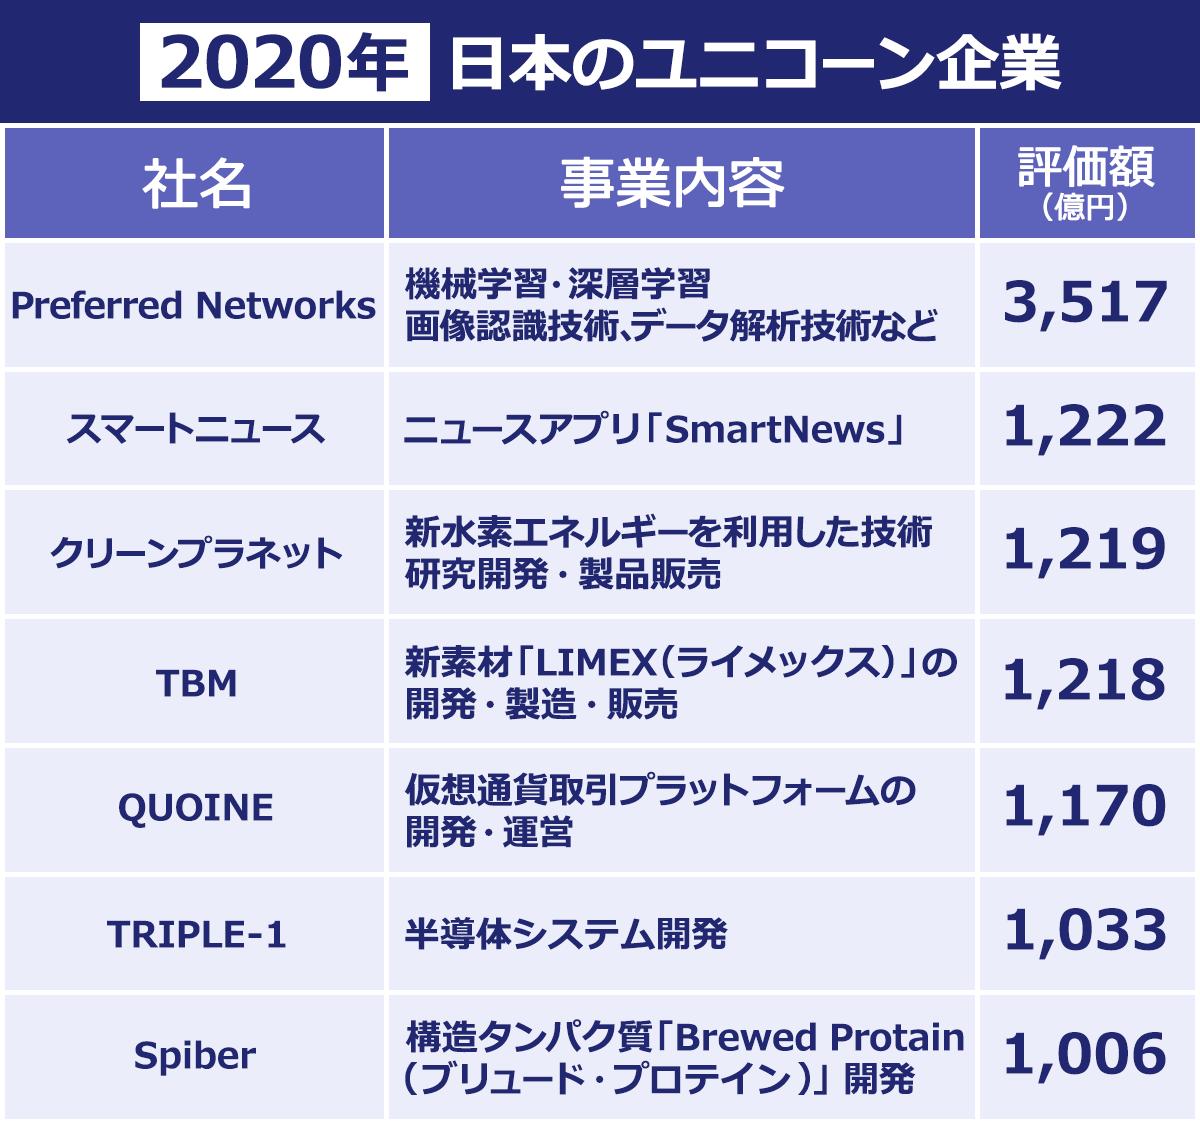 2020年日本のユニコーン企業,Preferred Networks…機械学習・深層学習・画像認識・データ解析など。評価額3517億円。スマートニュース…ニュースアプリ。評価額1222億円。クリーンプラネット…新水素エネルギーを利用した技術研究開発、製品販売。評価額1219億円。TBM…新素材LIMEXの開発、販売、製造。評価額1218億円。QUOINE…仮想通貨取引プラットフォーム。評価額1170億円。TRIPLE-1…半導体システム開発。評価額1033億円。Spiber…構造タンパク質ブリュードプロテイン開発。評価額1006億円。